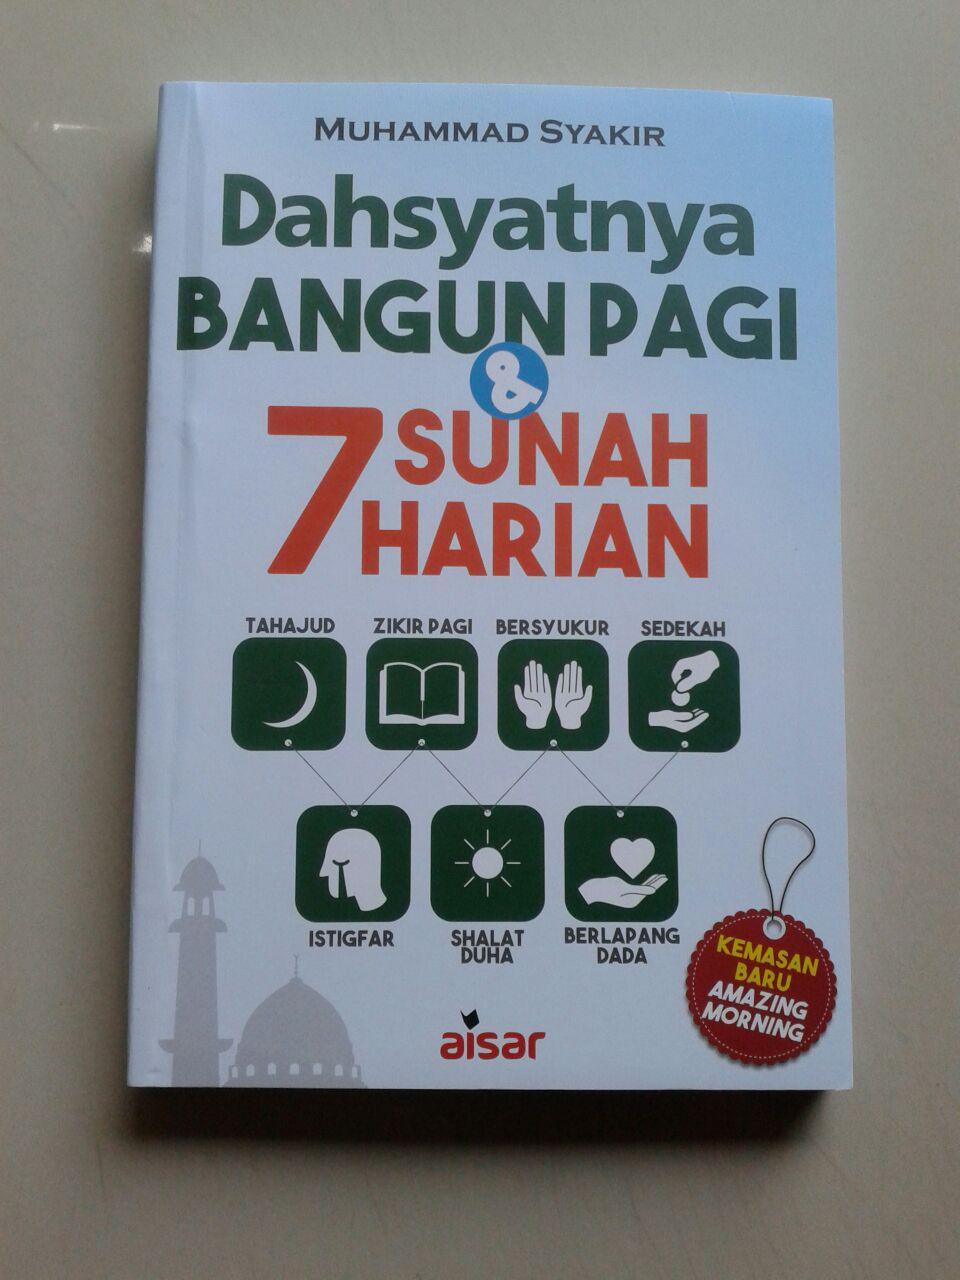 Buku Dahsyatnya Bangun Pagi & 7 Sunnah Harian cover